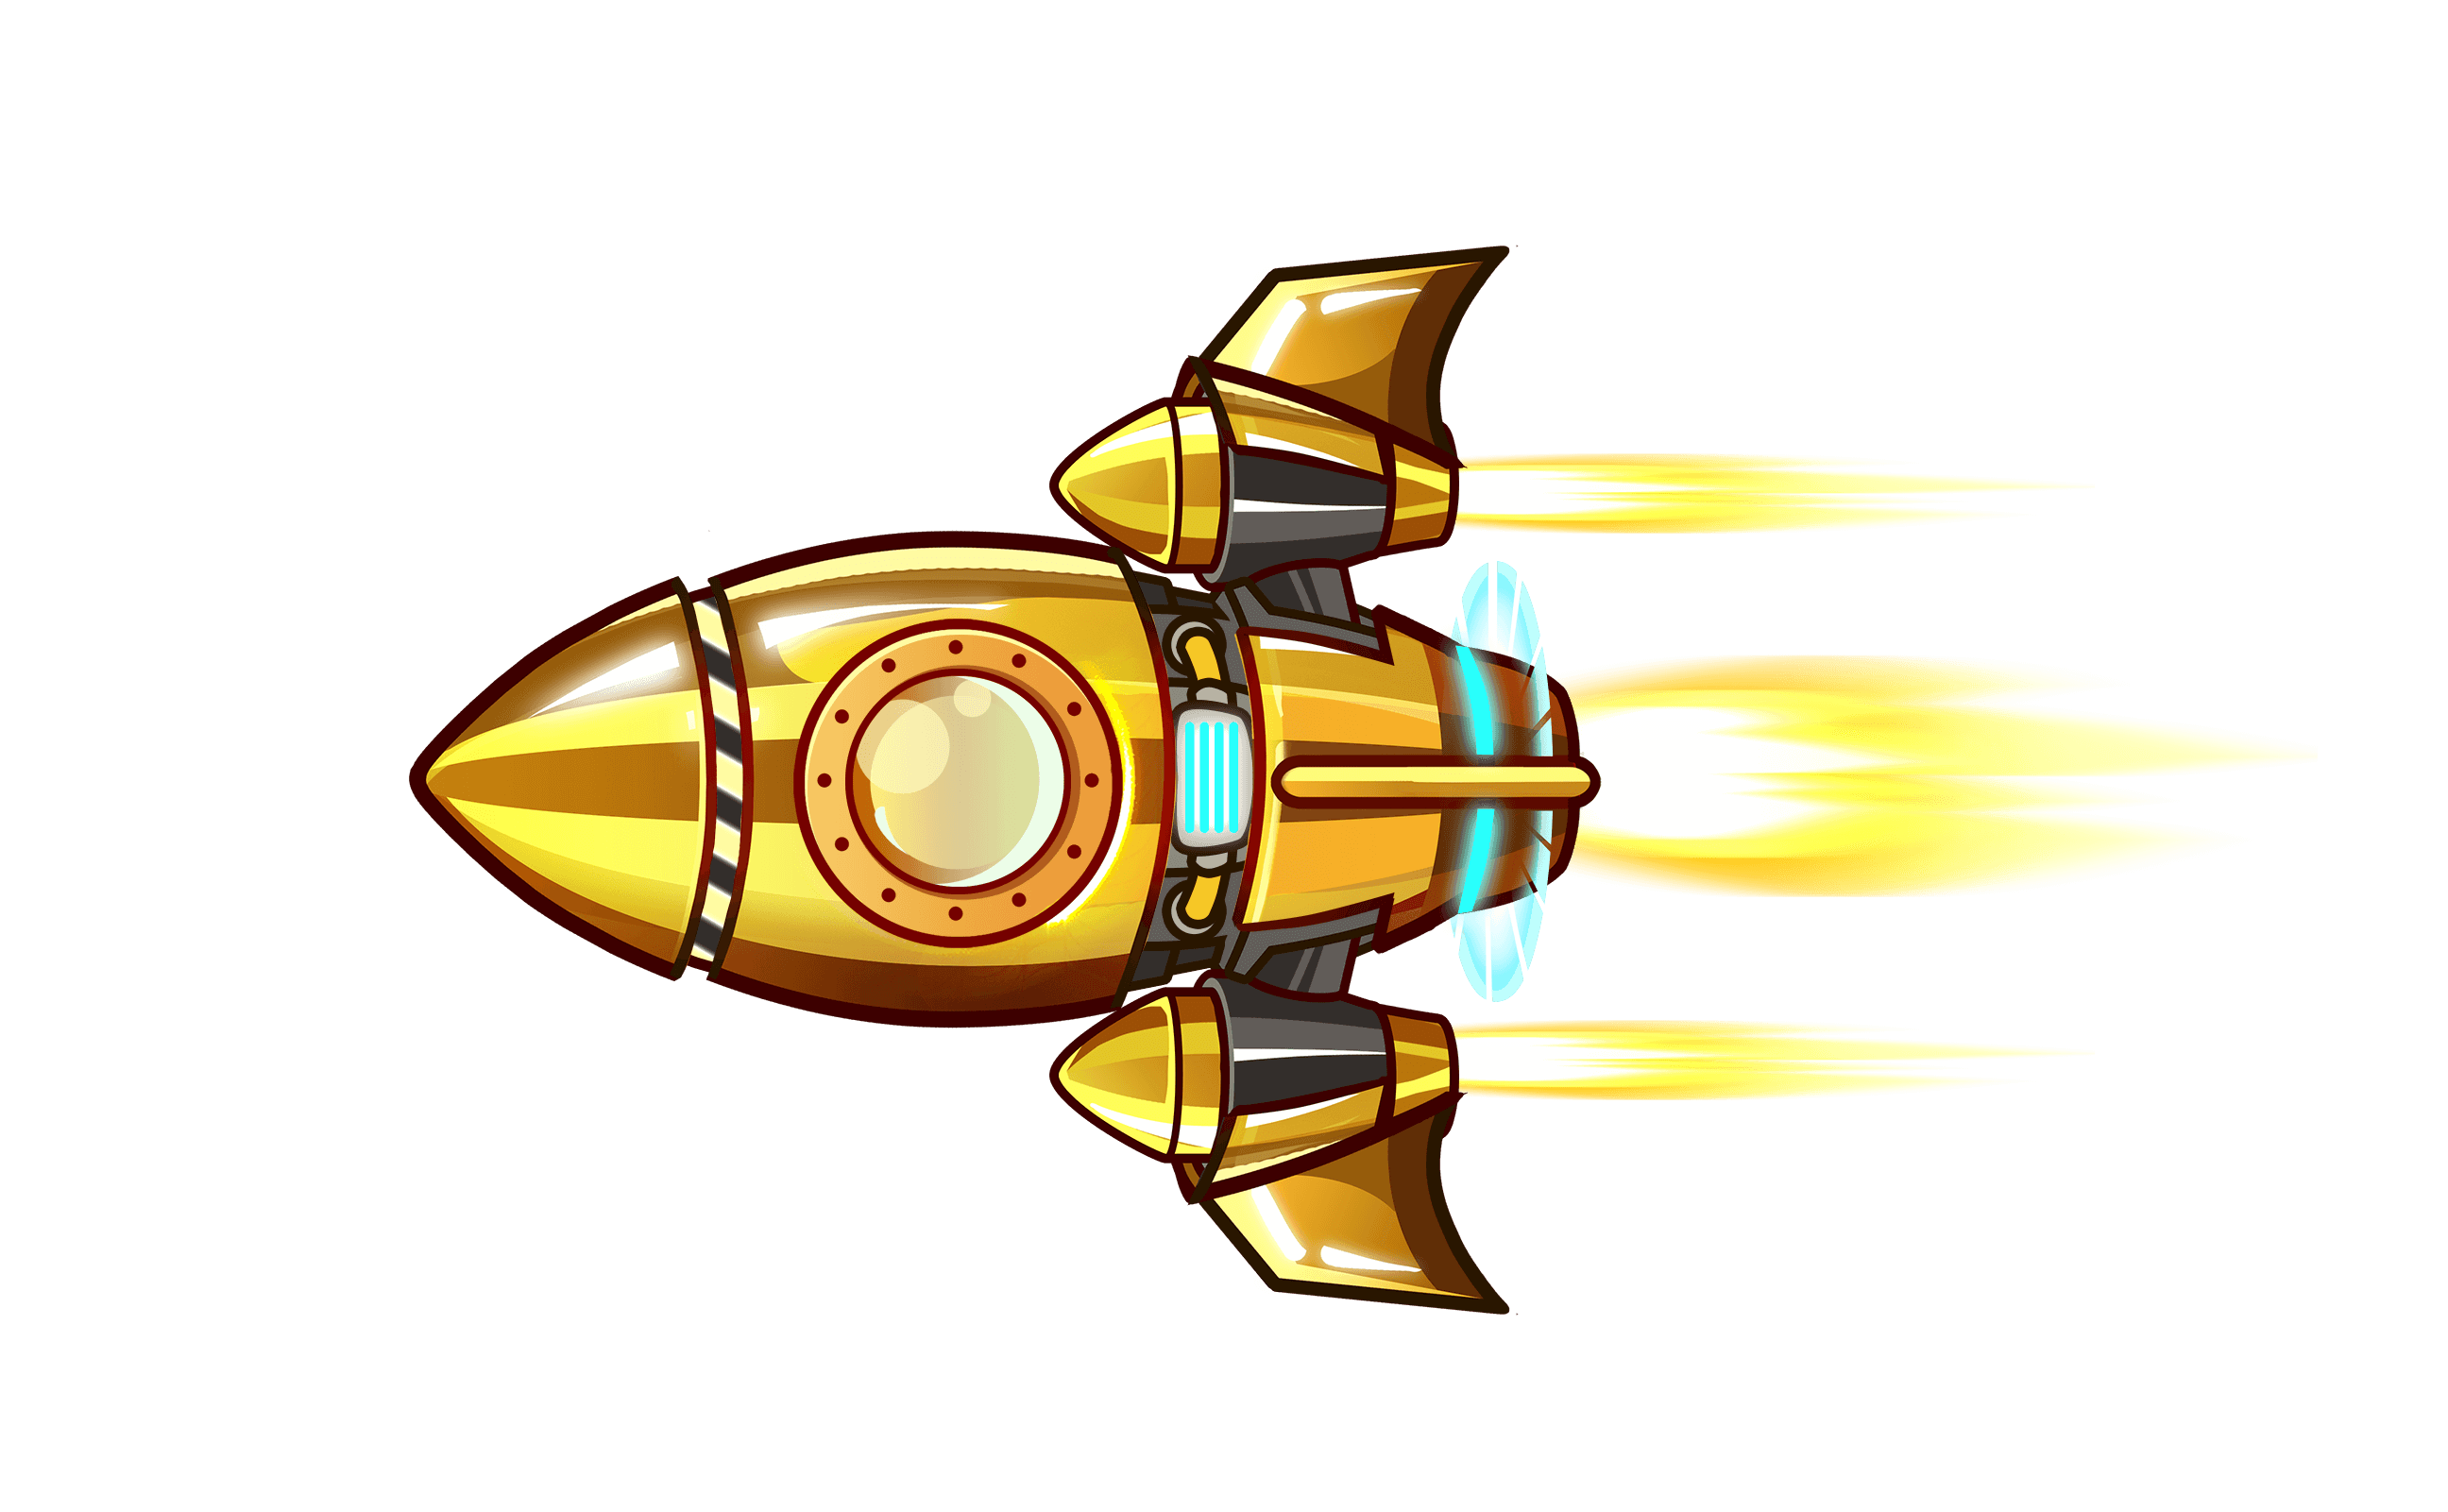 超级火箭图片